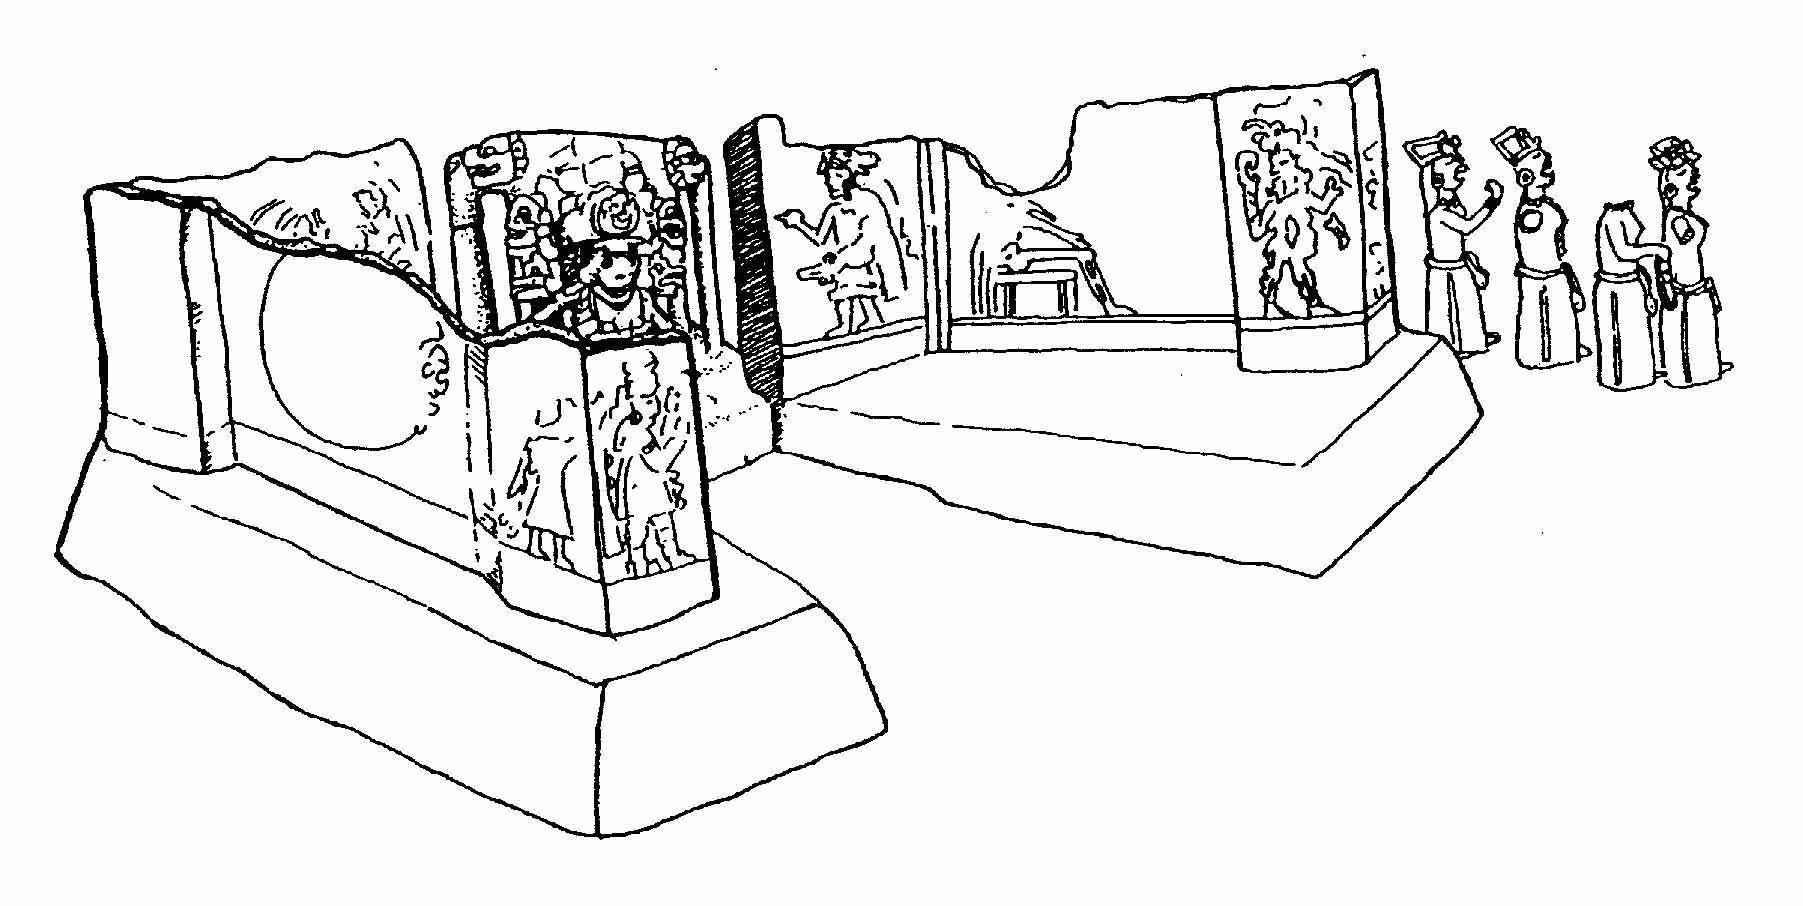 Wyllie's view of the shrine